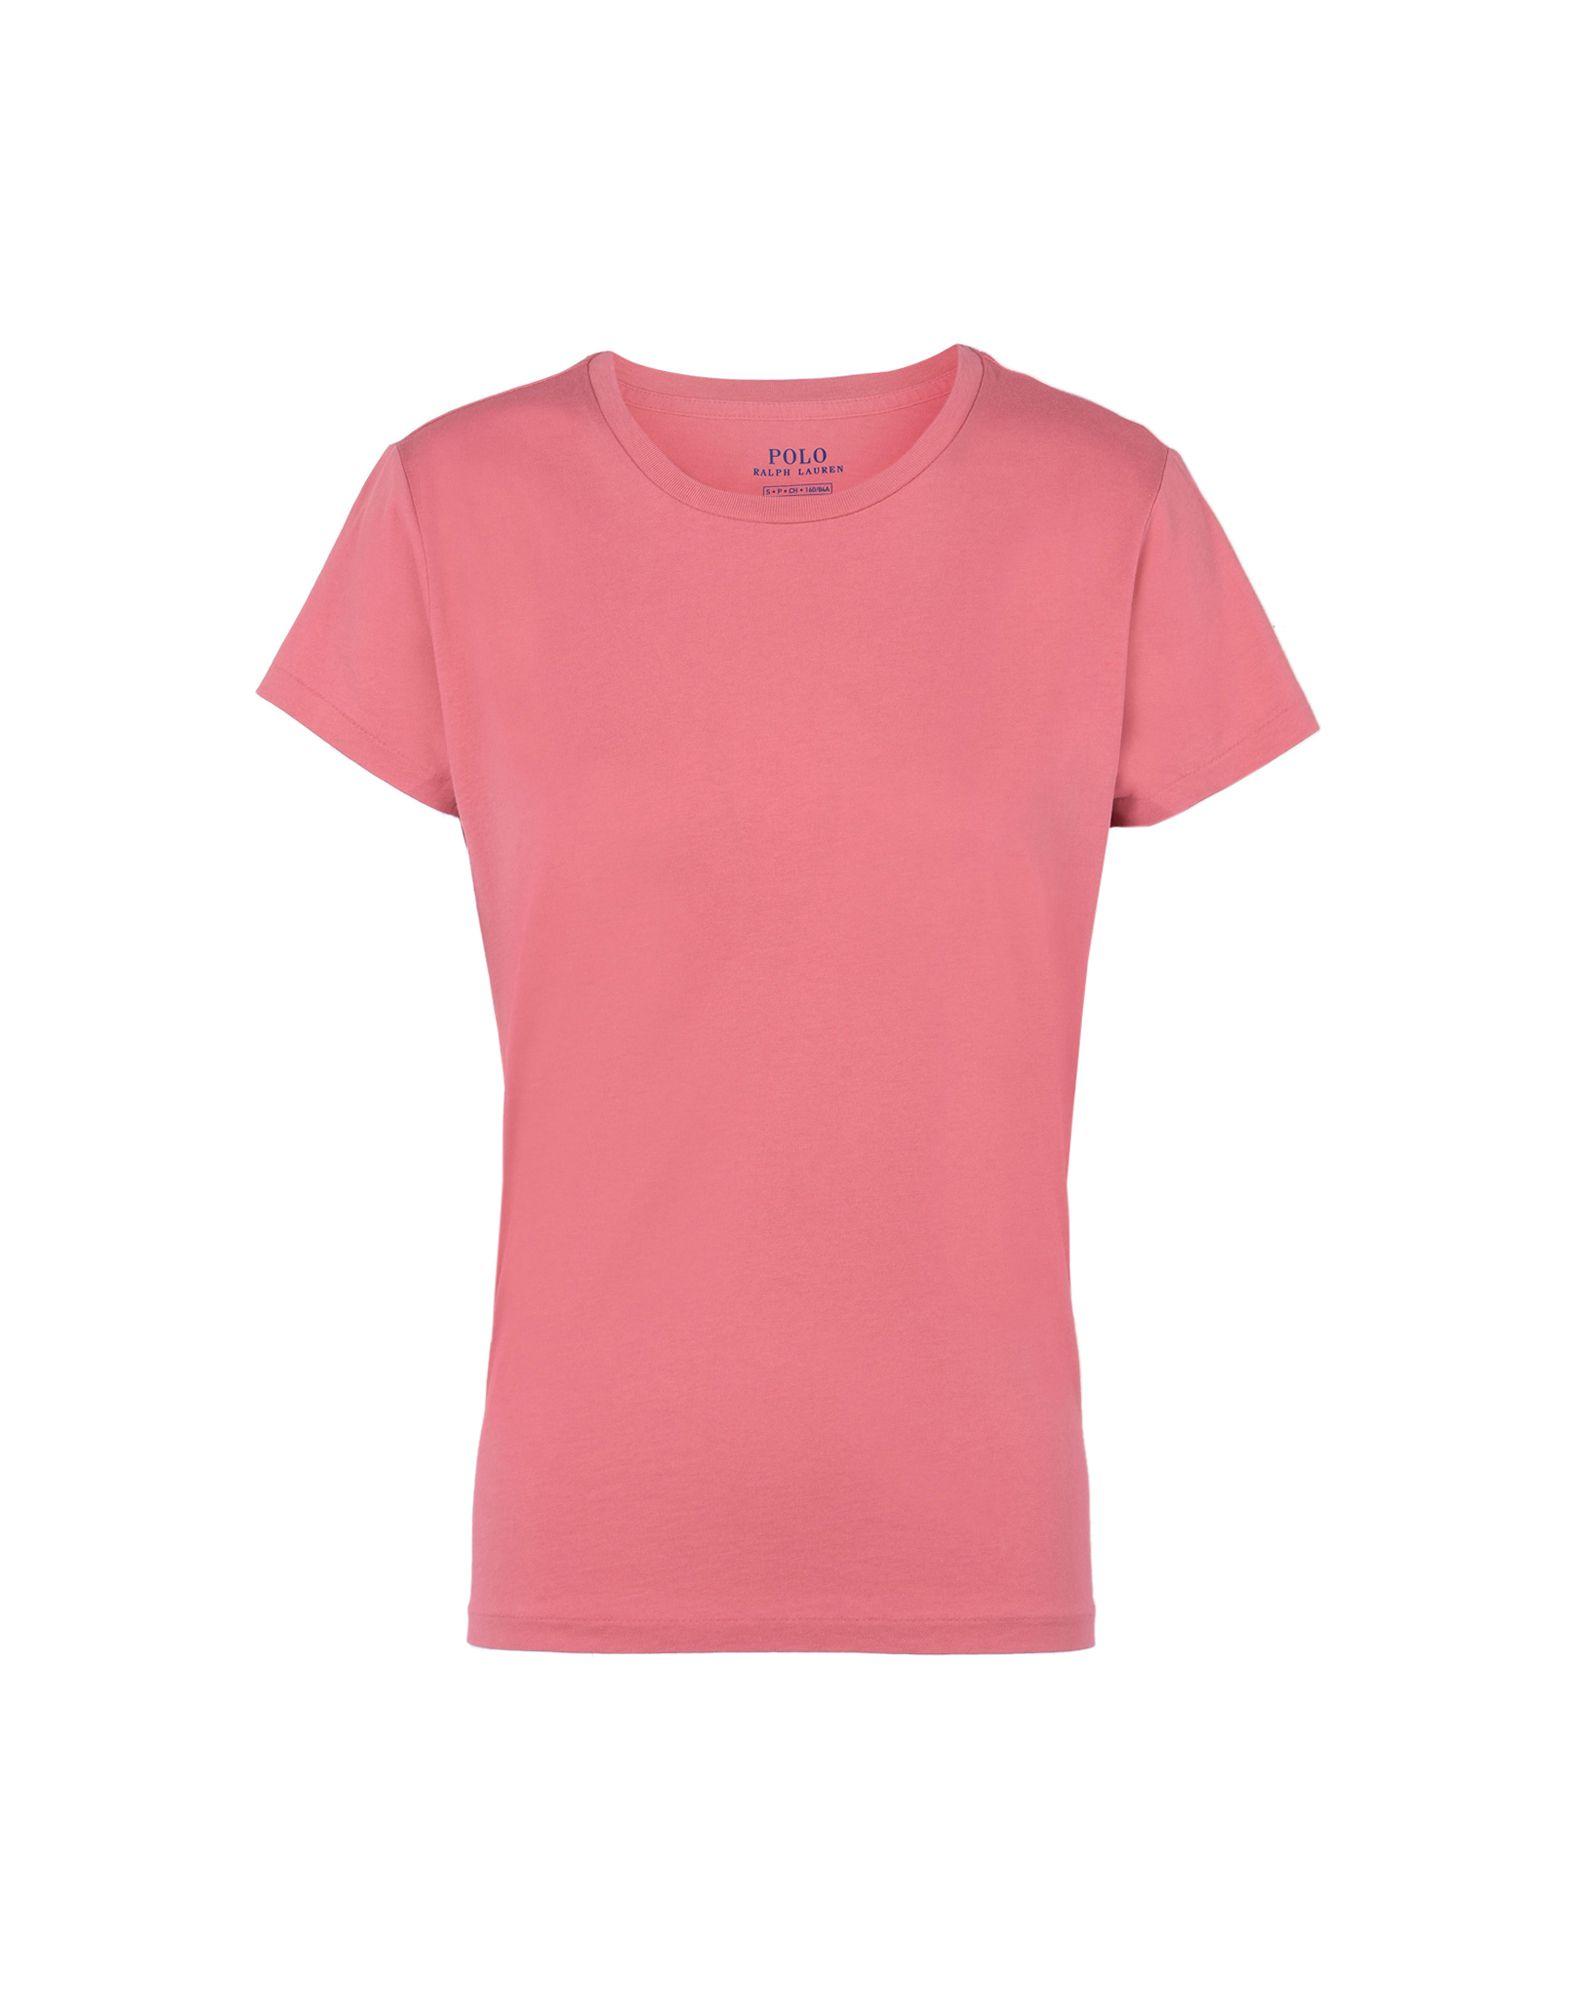 《送料無料》POLO RALPH LAUREN レディース T シャツ パステルピンク XS コットン 100% Custom Fit T shirt